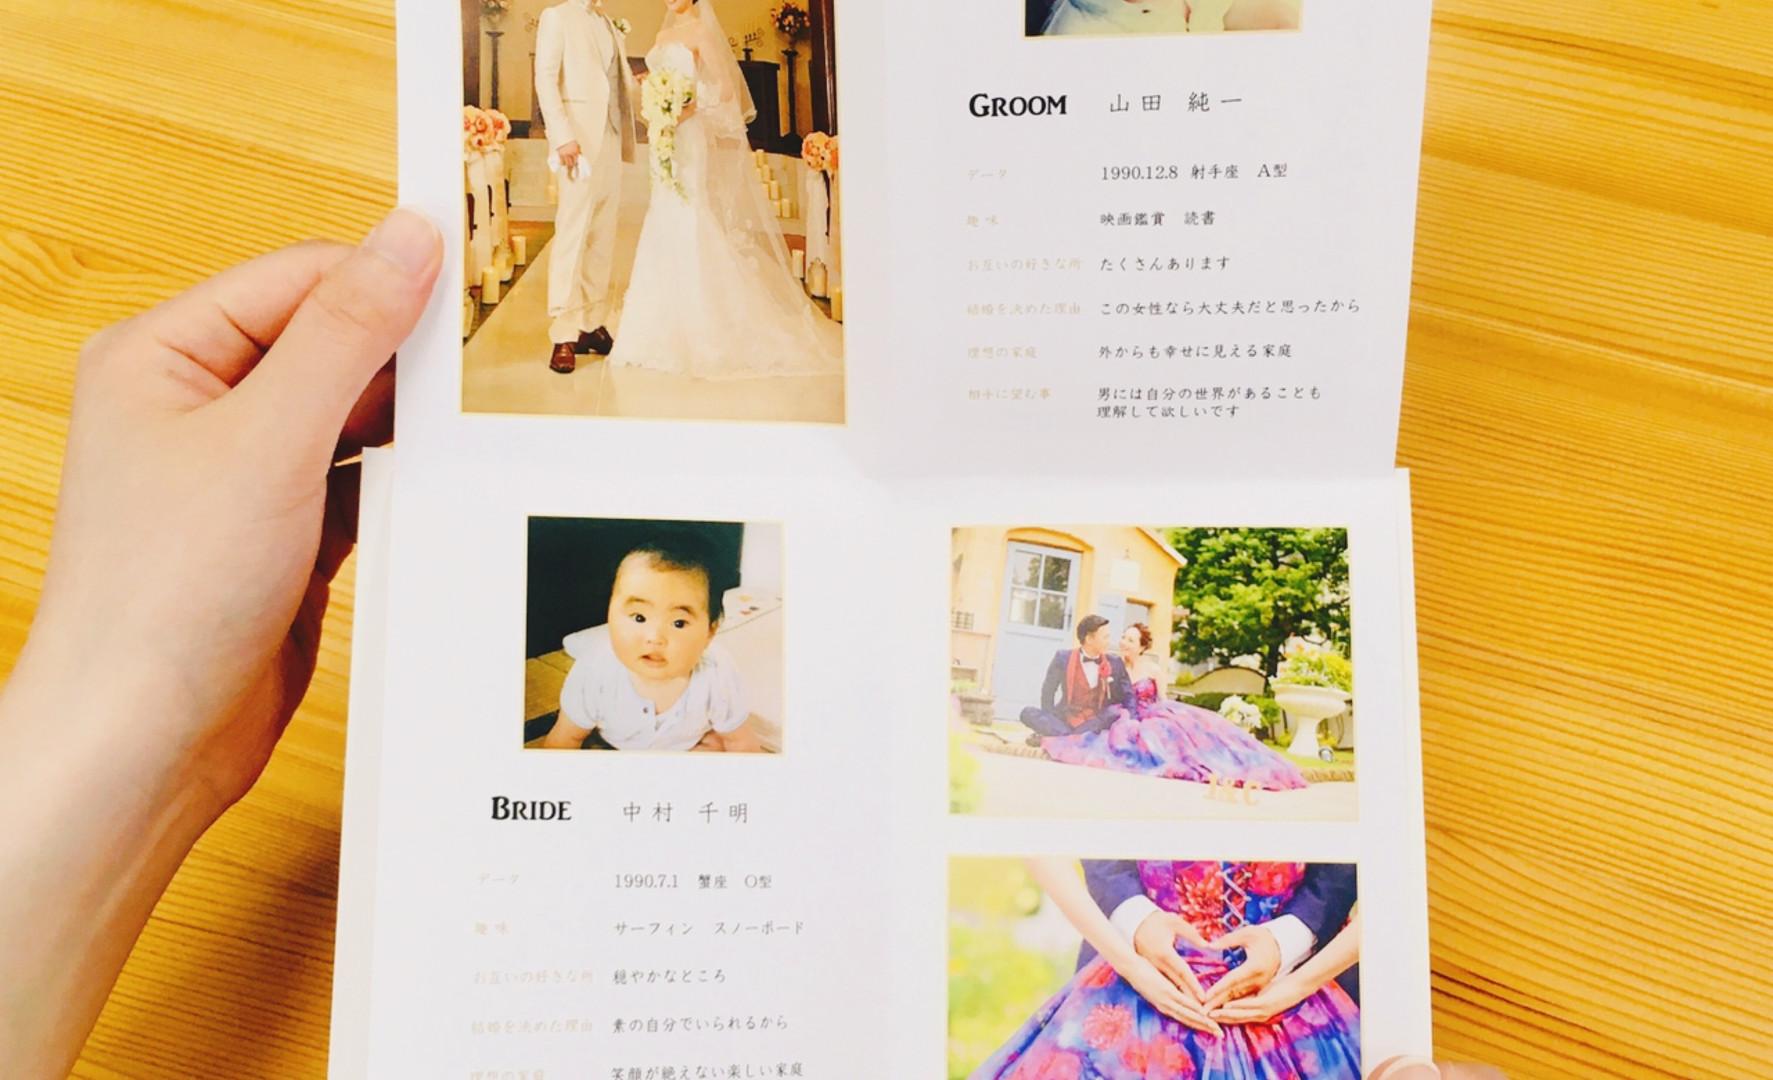 手持ち Just married デザイン6-A-5.jpg